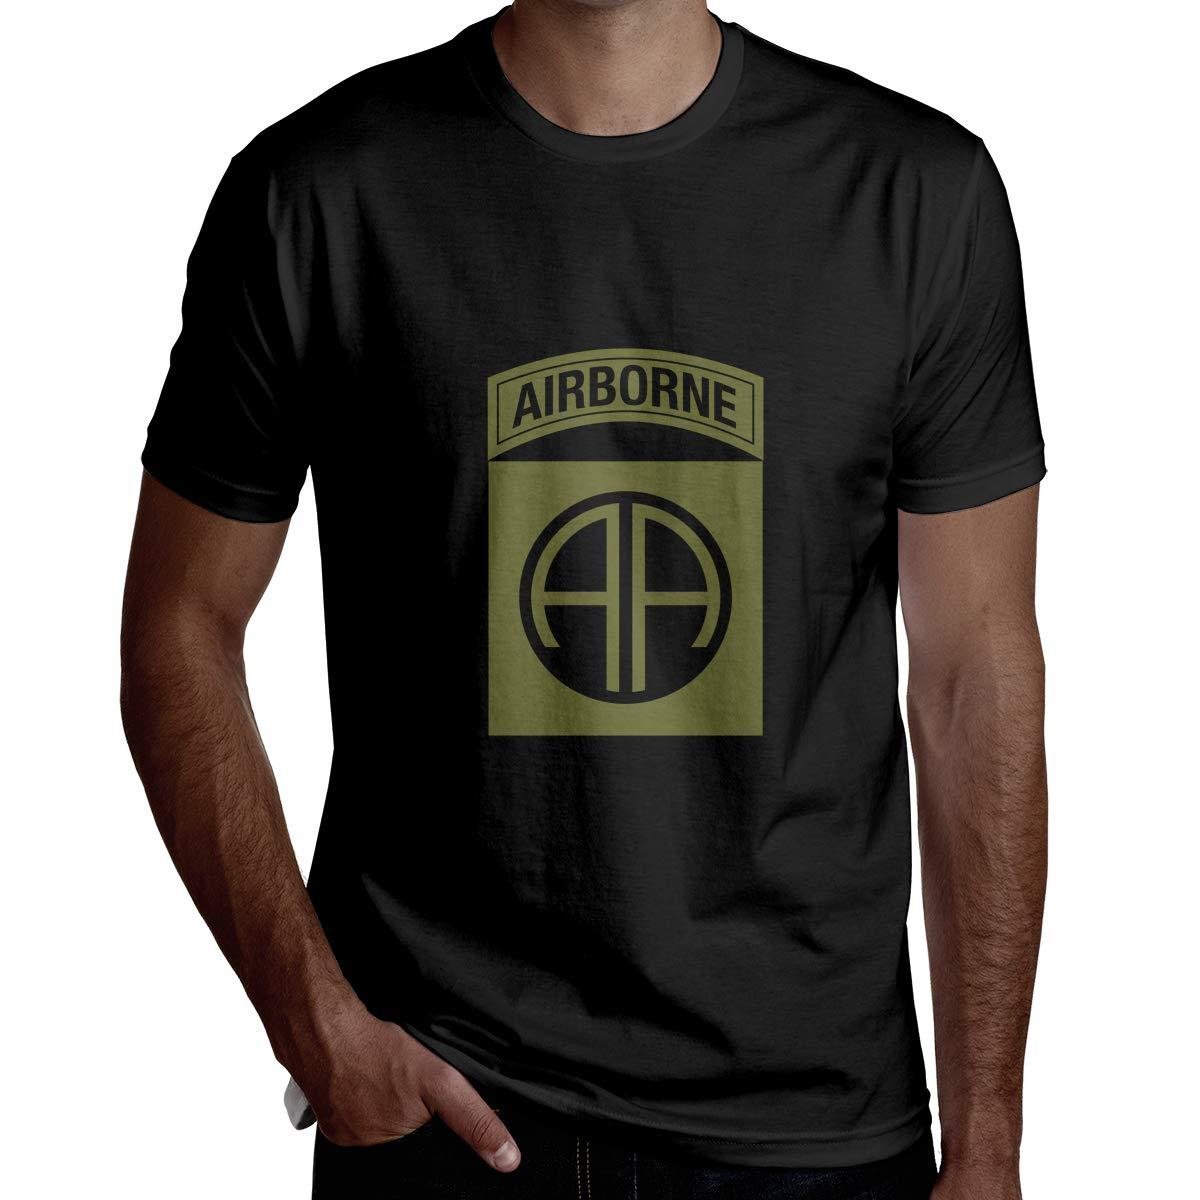 Wbydgoigo Shirt 82nd Airborne Division Mens Fashion Short Sleeve Shirts